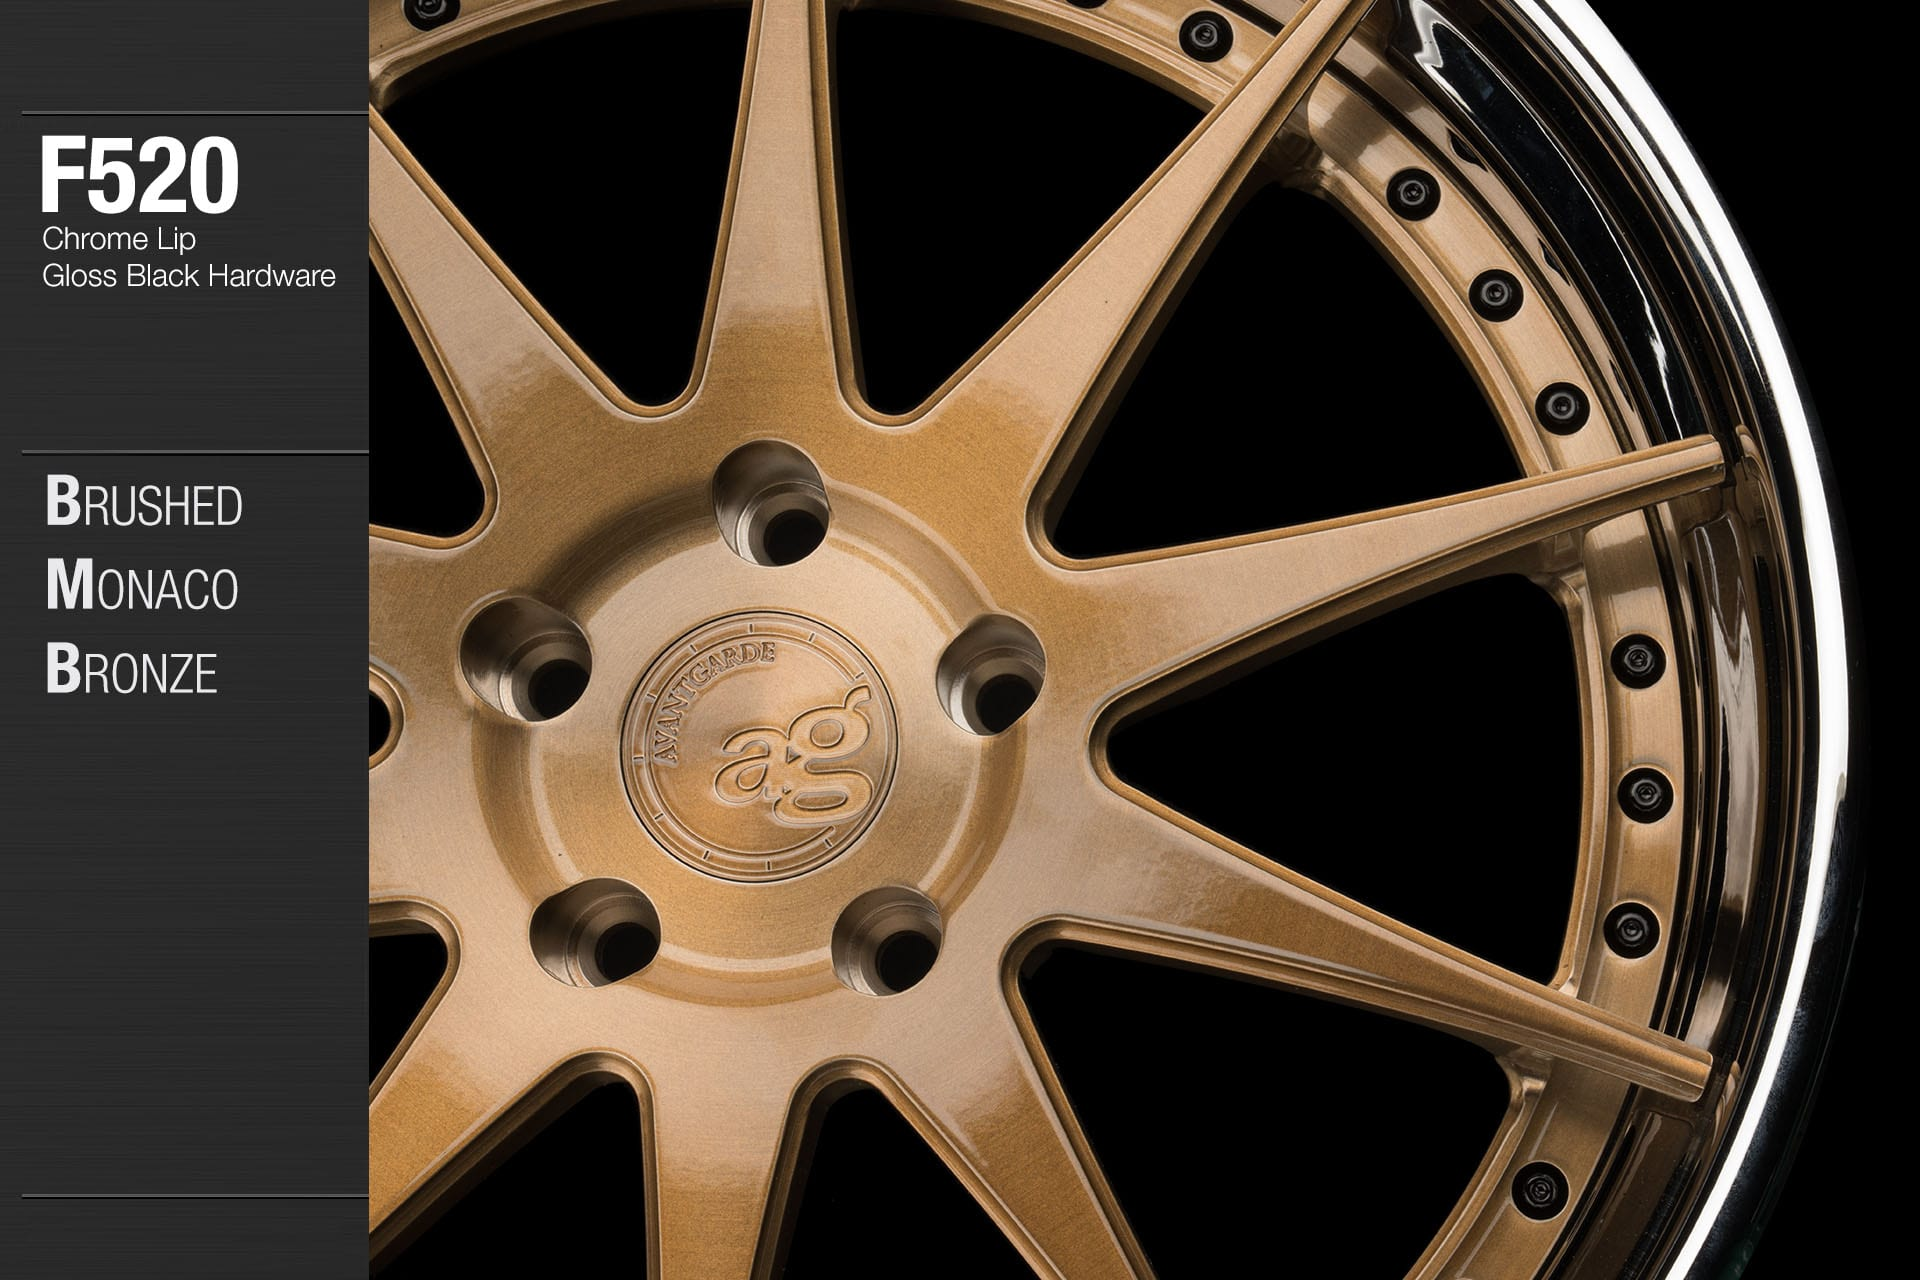 avant-garde-ag-wheels-f520-brushed-monaco-bronze-face-chrome-lip-gloss-black-hardware-2-min